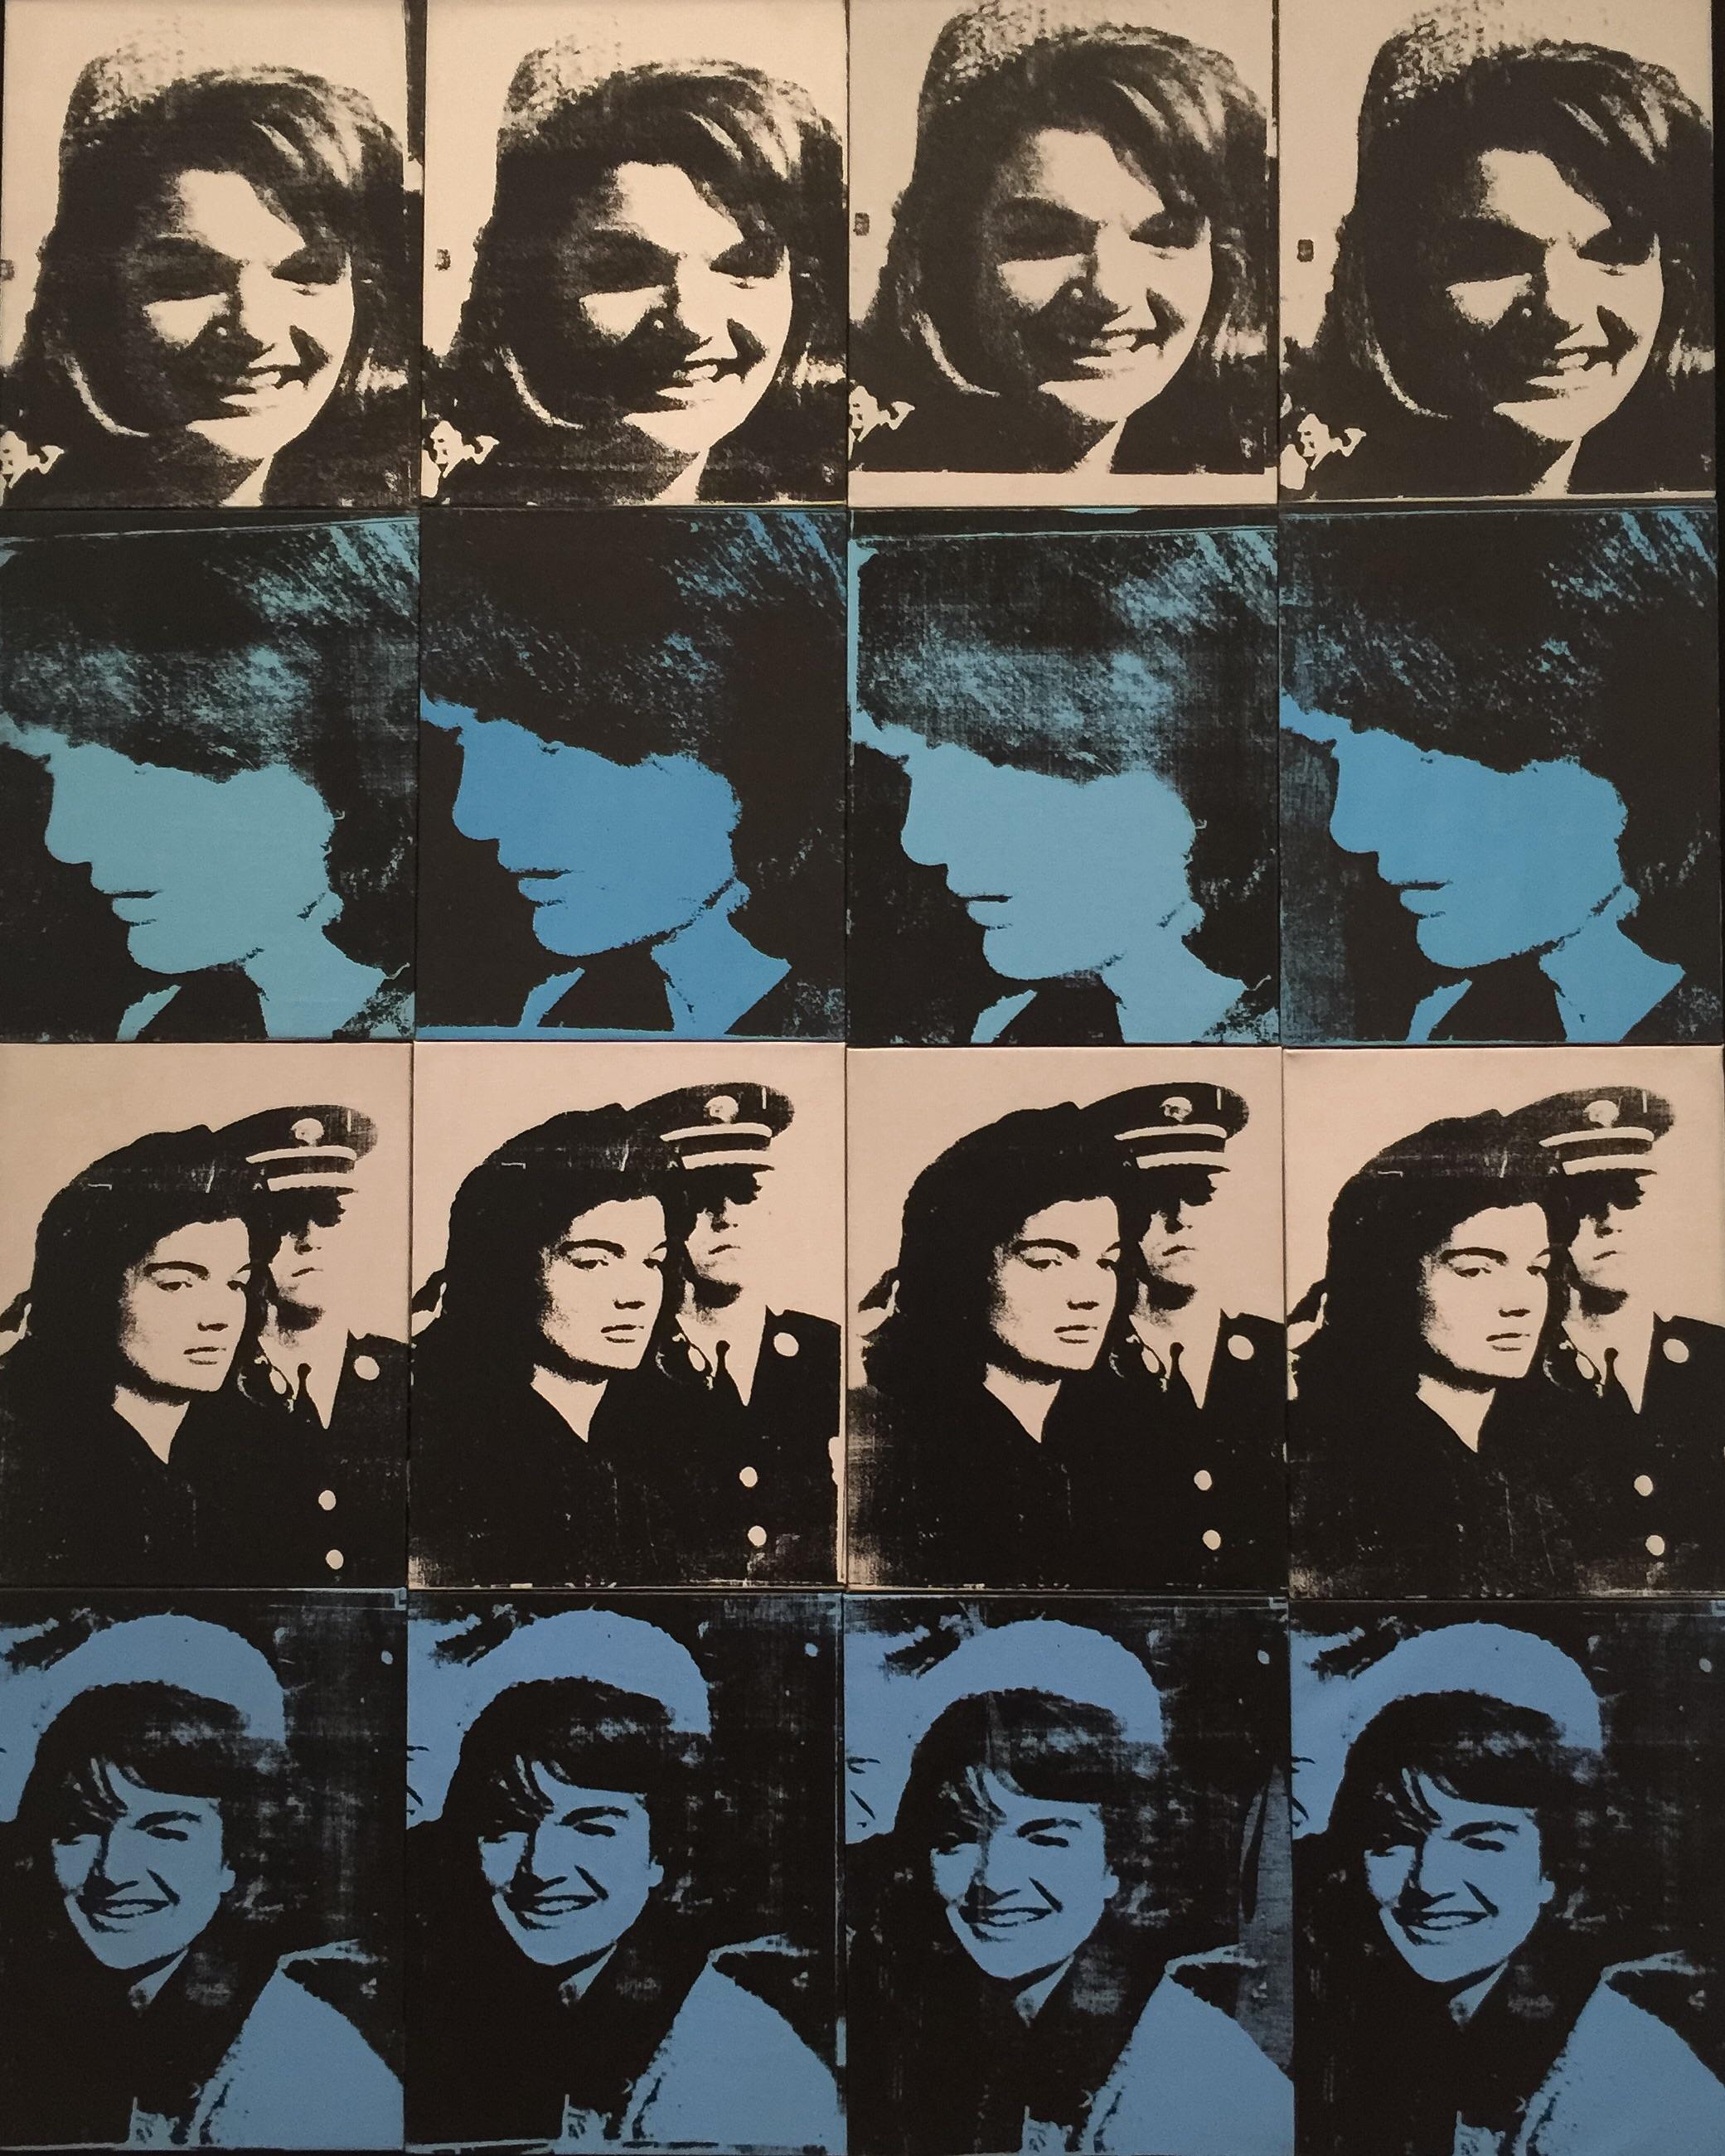 Sixteen Jackies, Andy Warhol, 1964